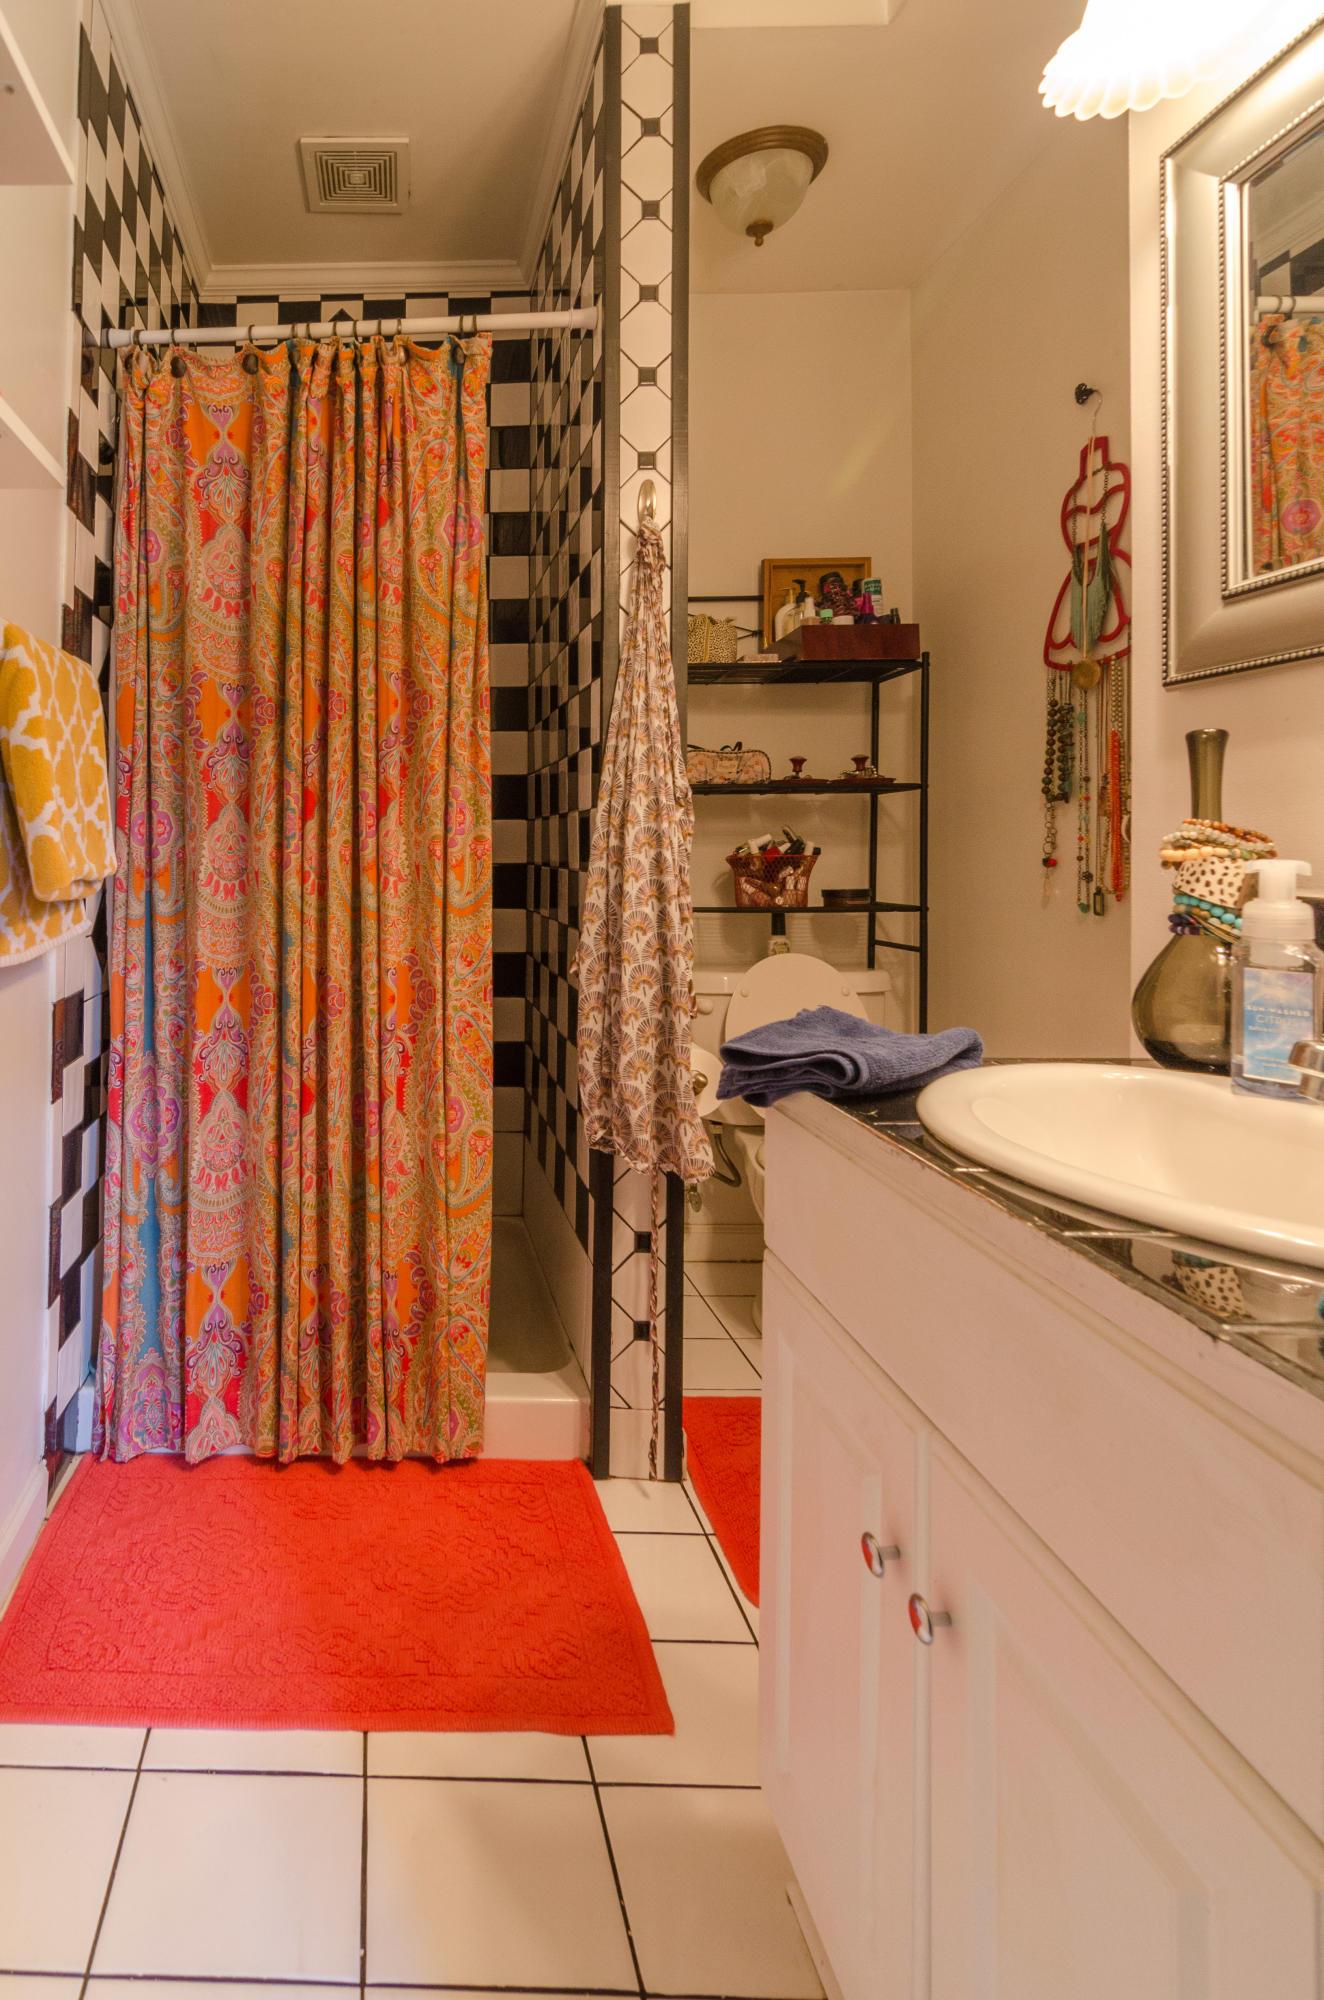 Parish Place Homes For Sale - 807 Abcaw, Mount Pleasant, SC - 20